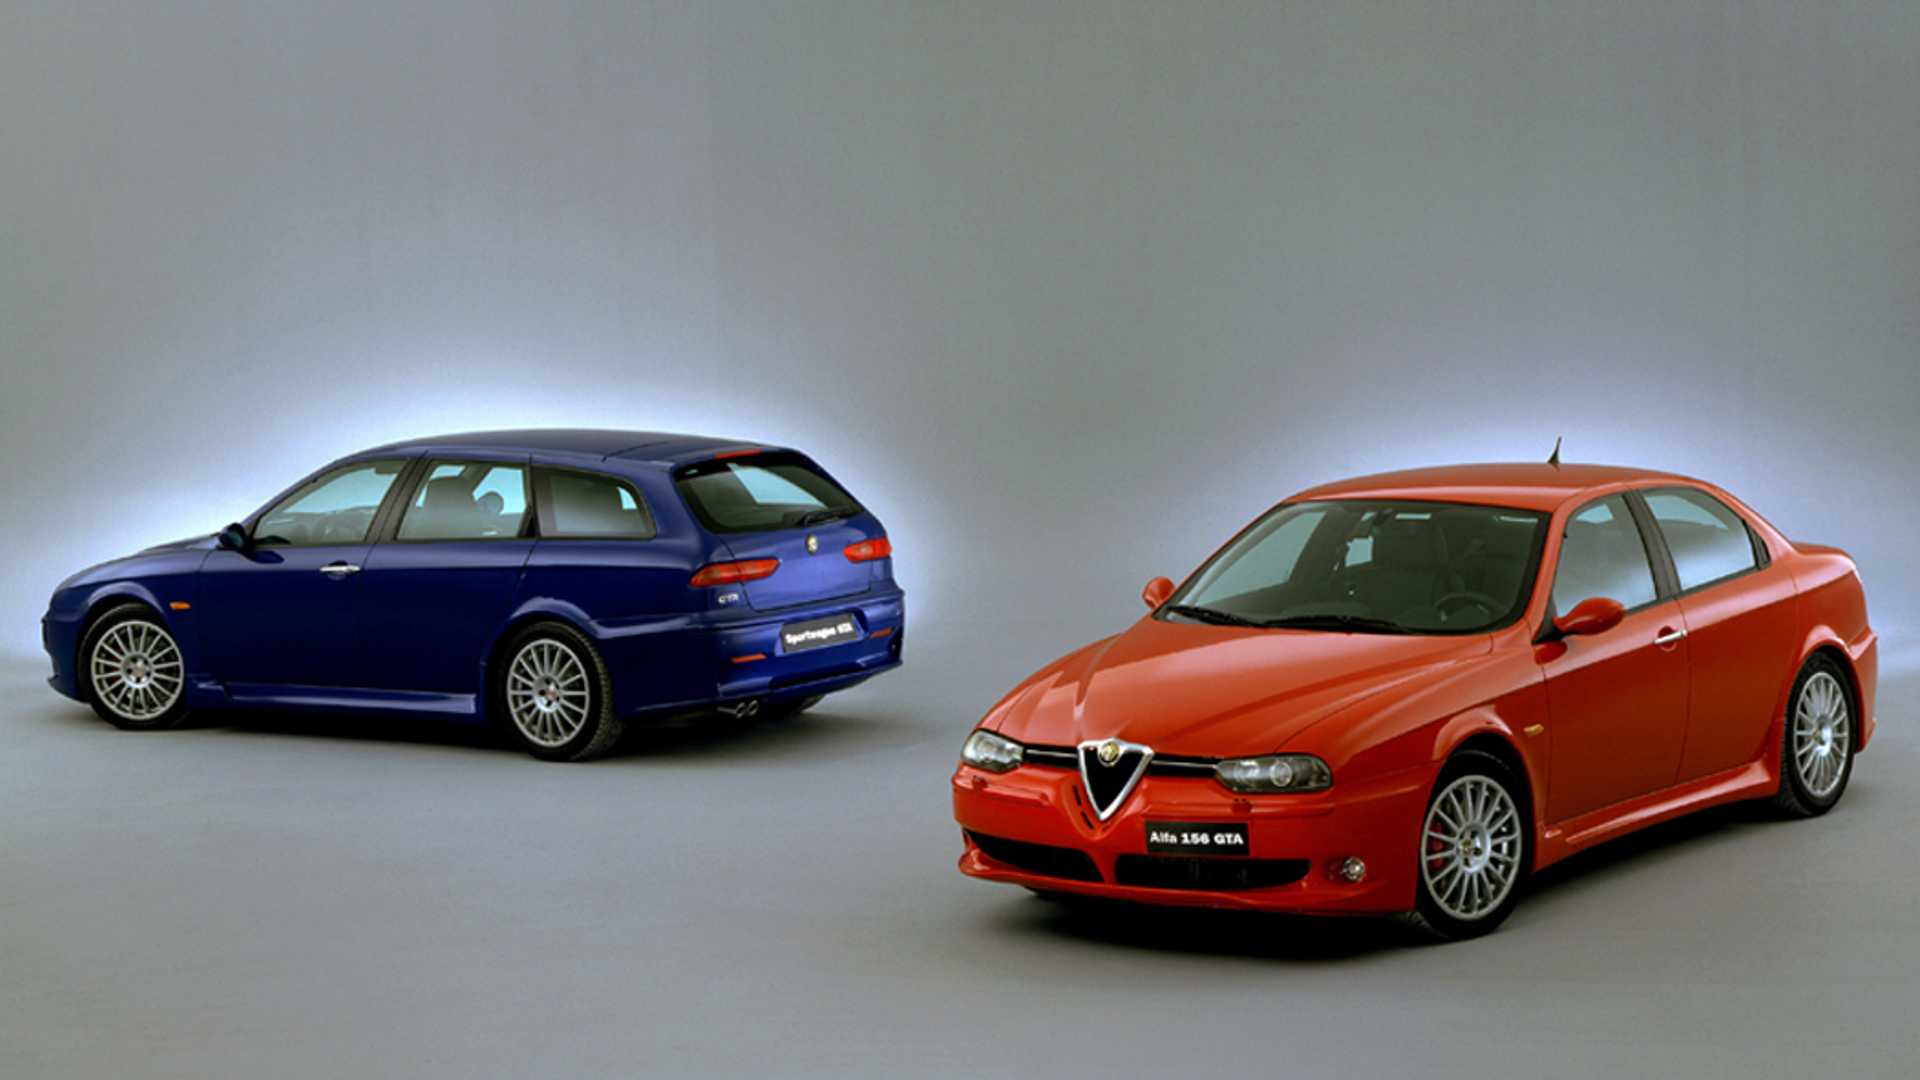 Alfa Romeo 156 GTA (2002)